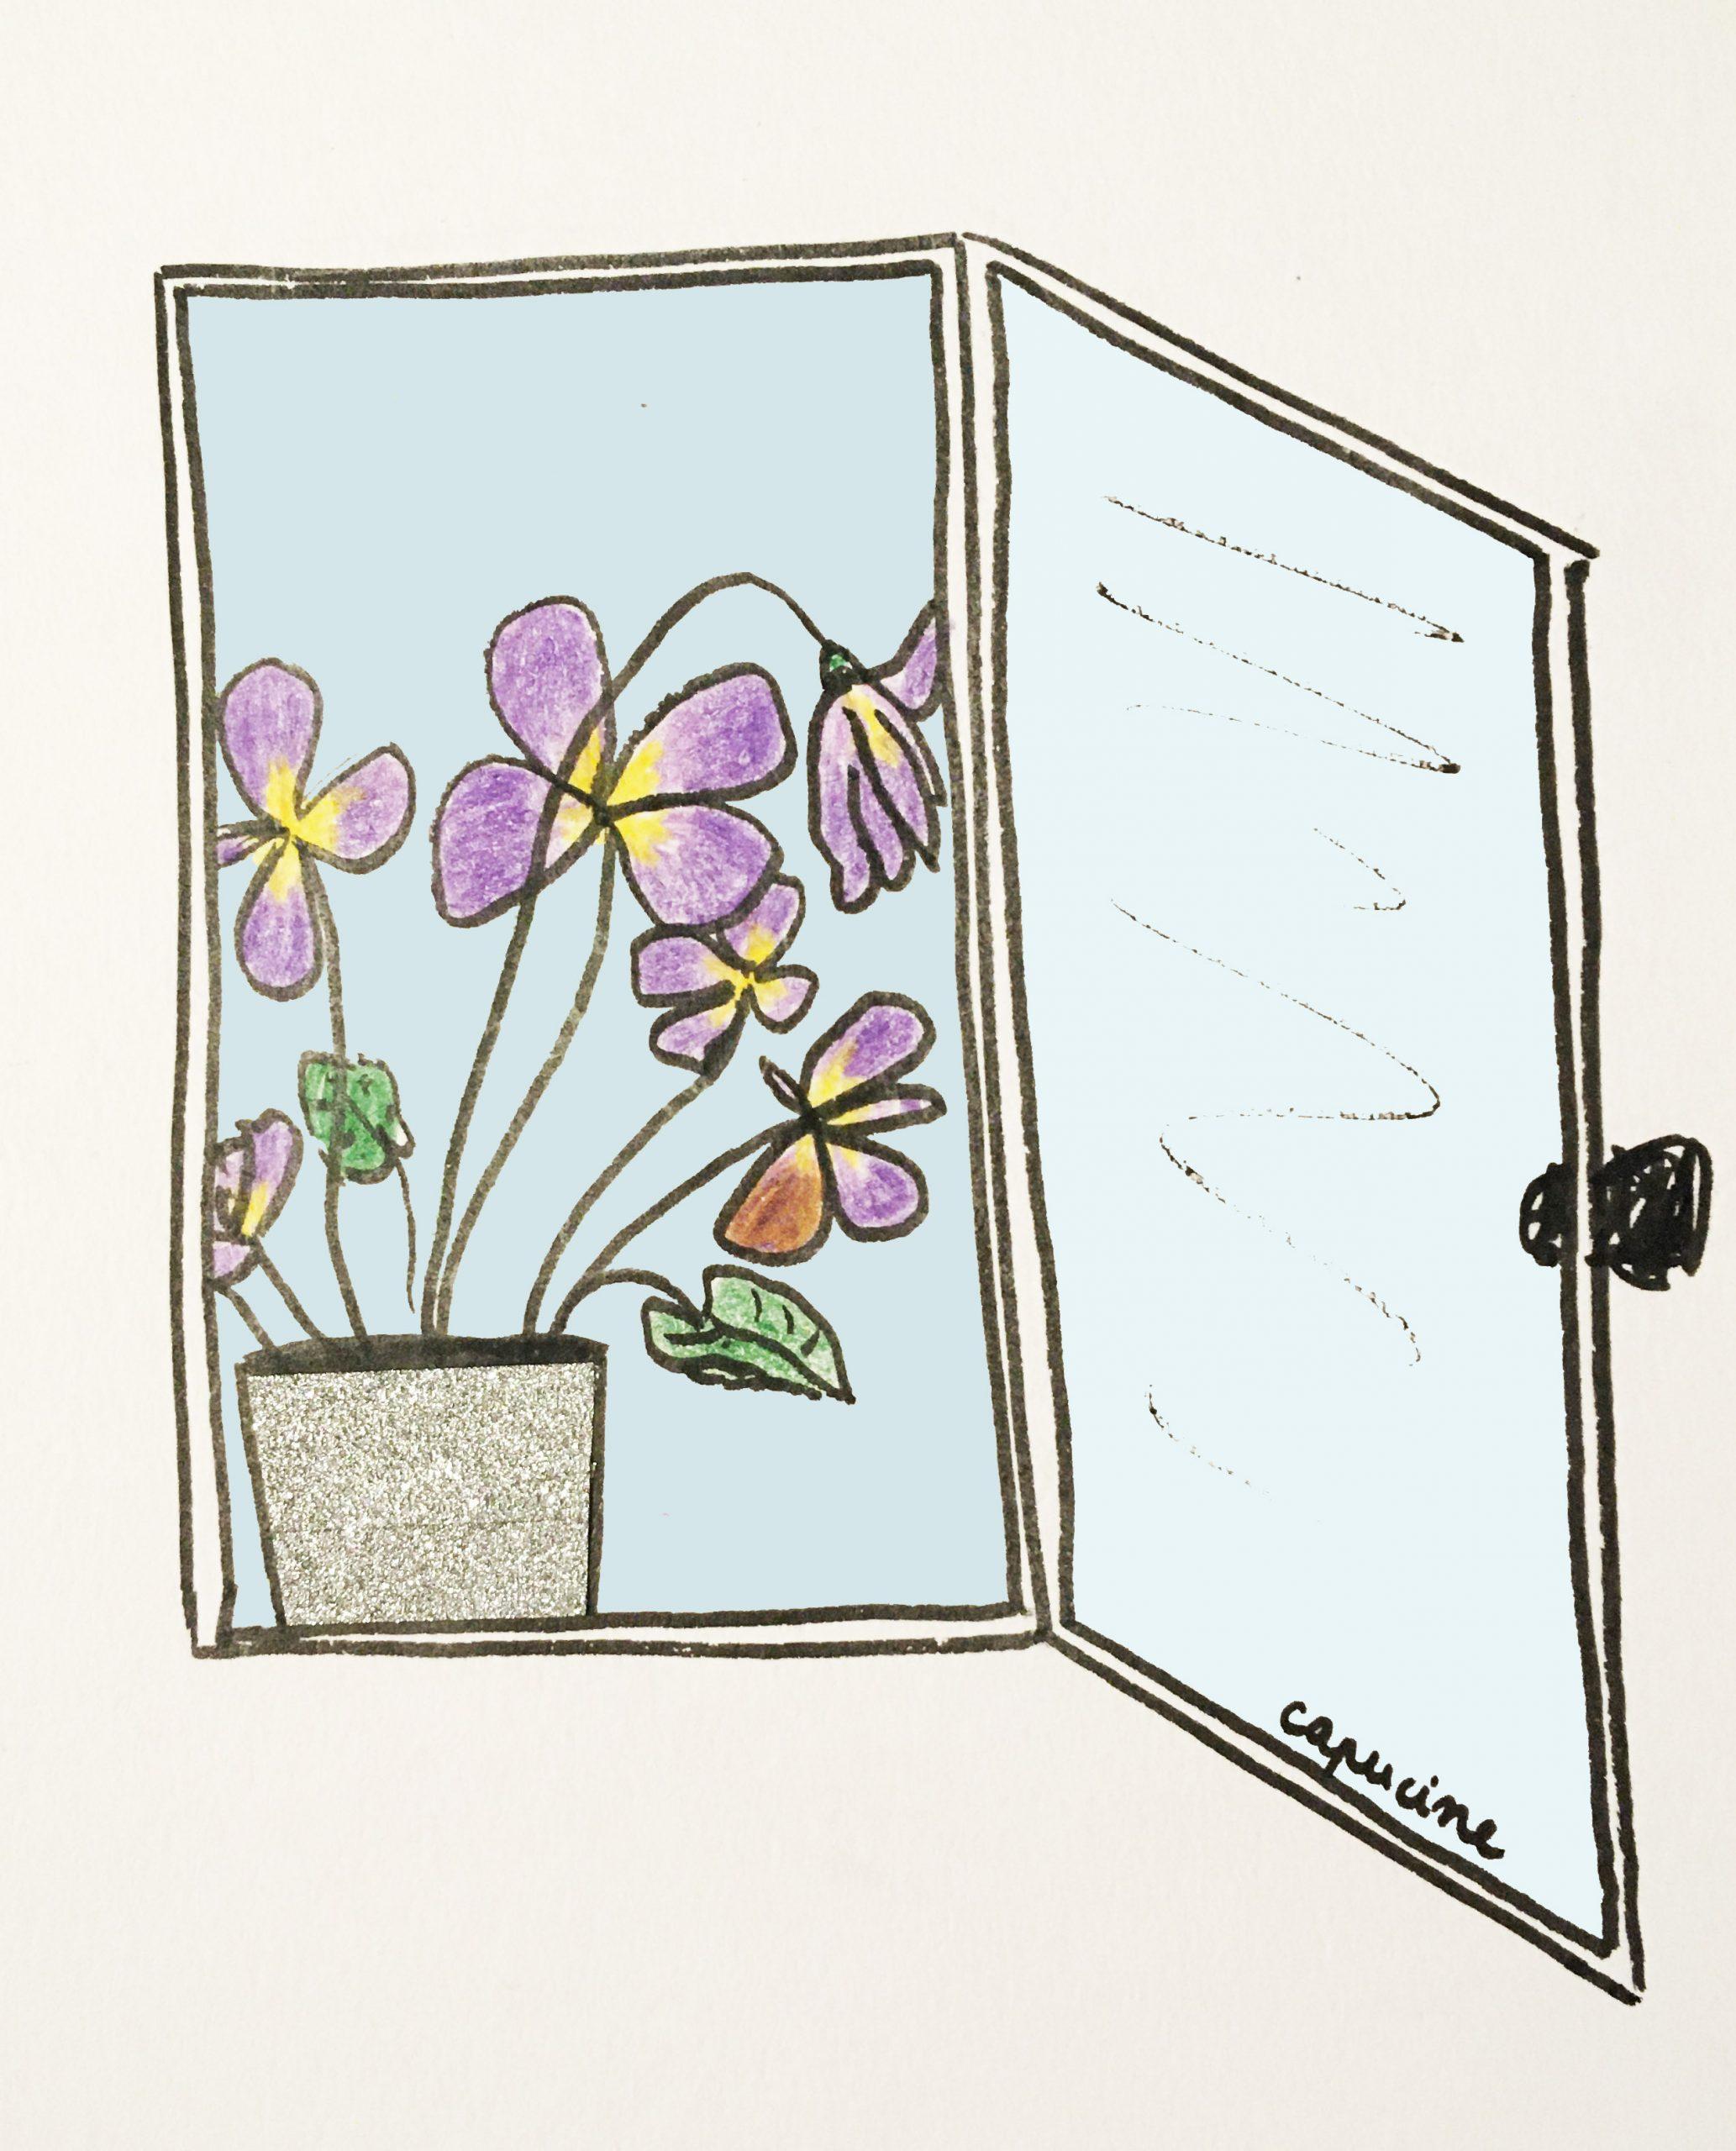 Chapitre 4 - Les violettes au bord de la fenêtre